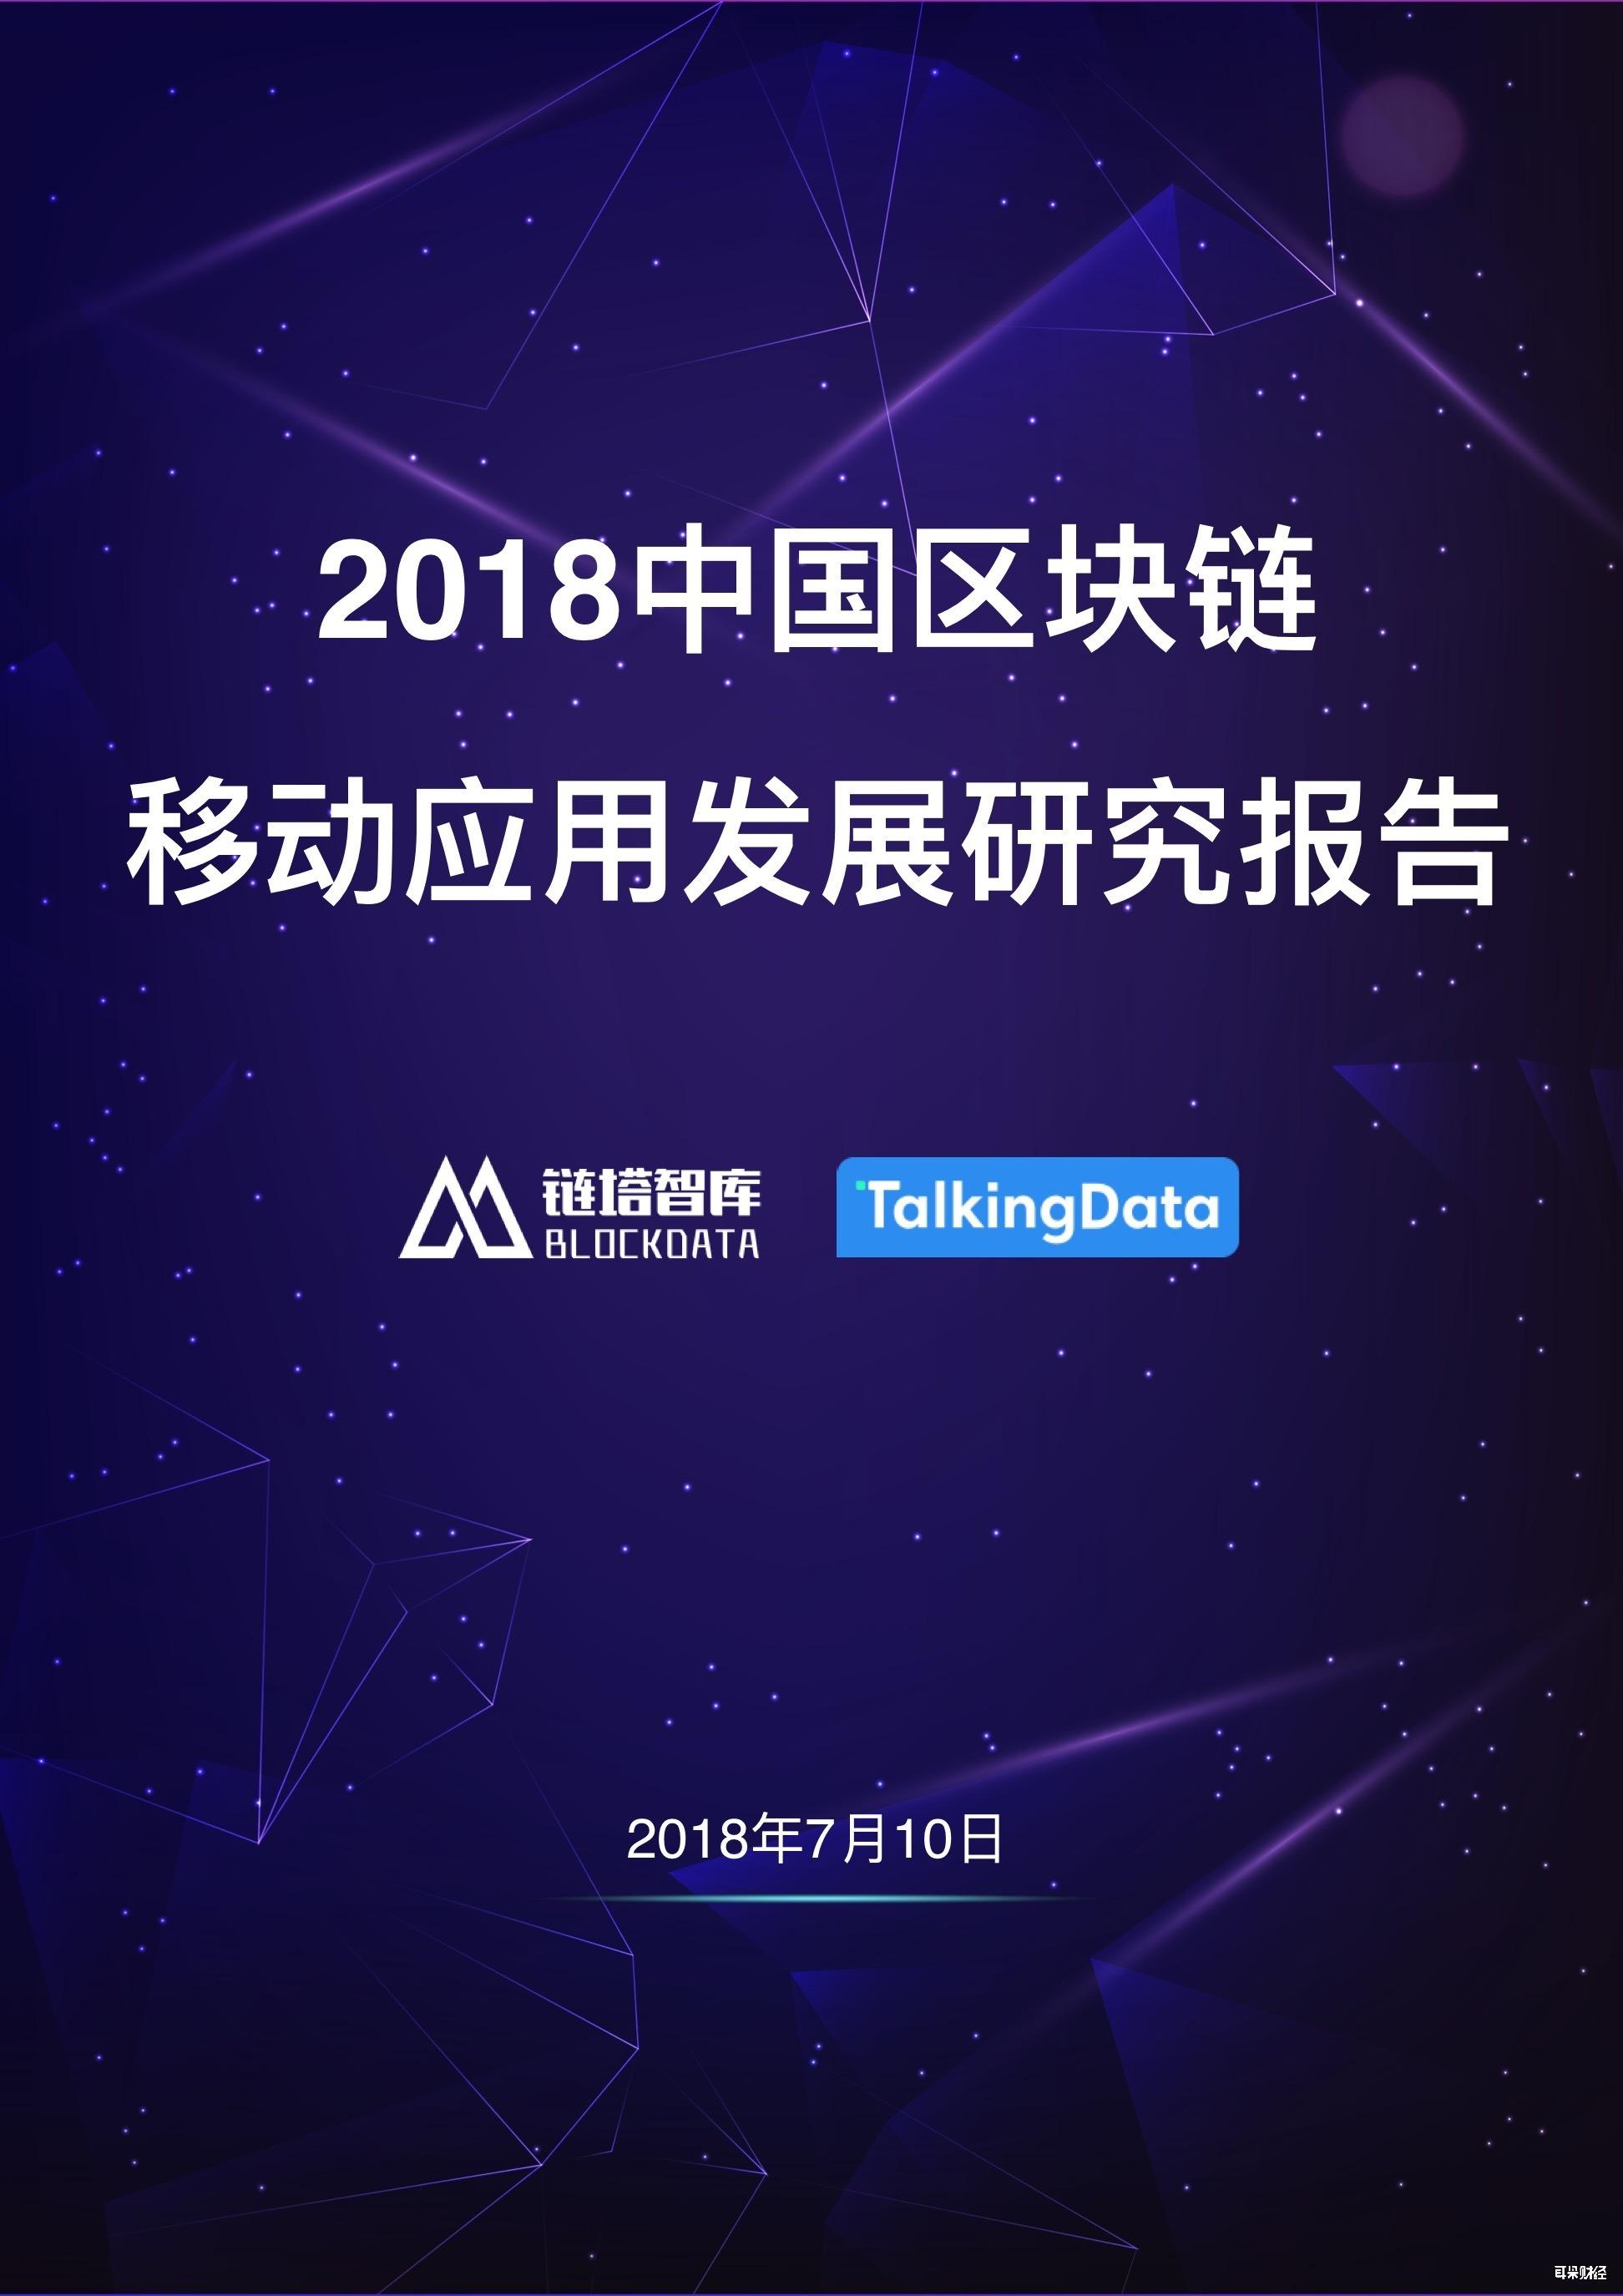 2018中国区块链移动应用发展研究报告 | 链塔智库